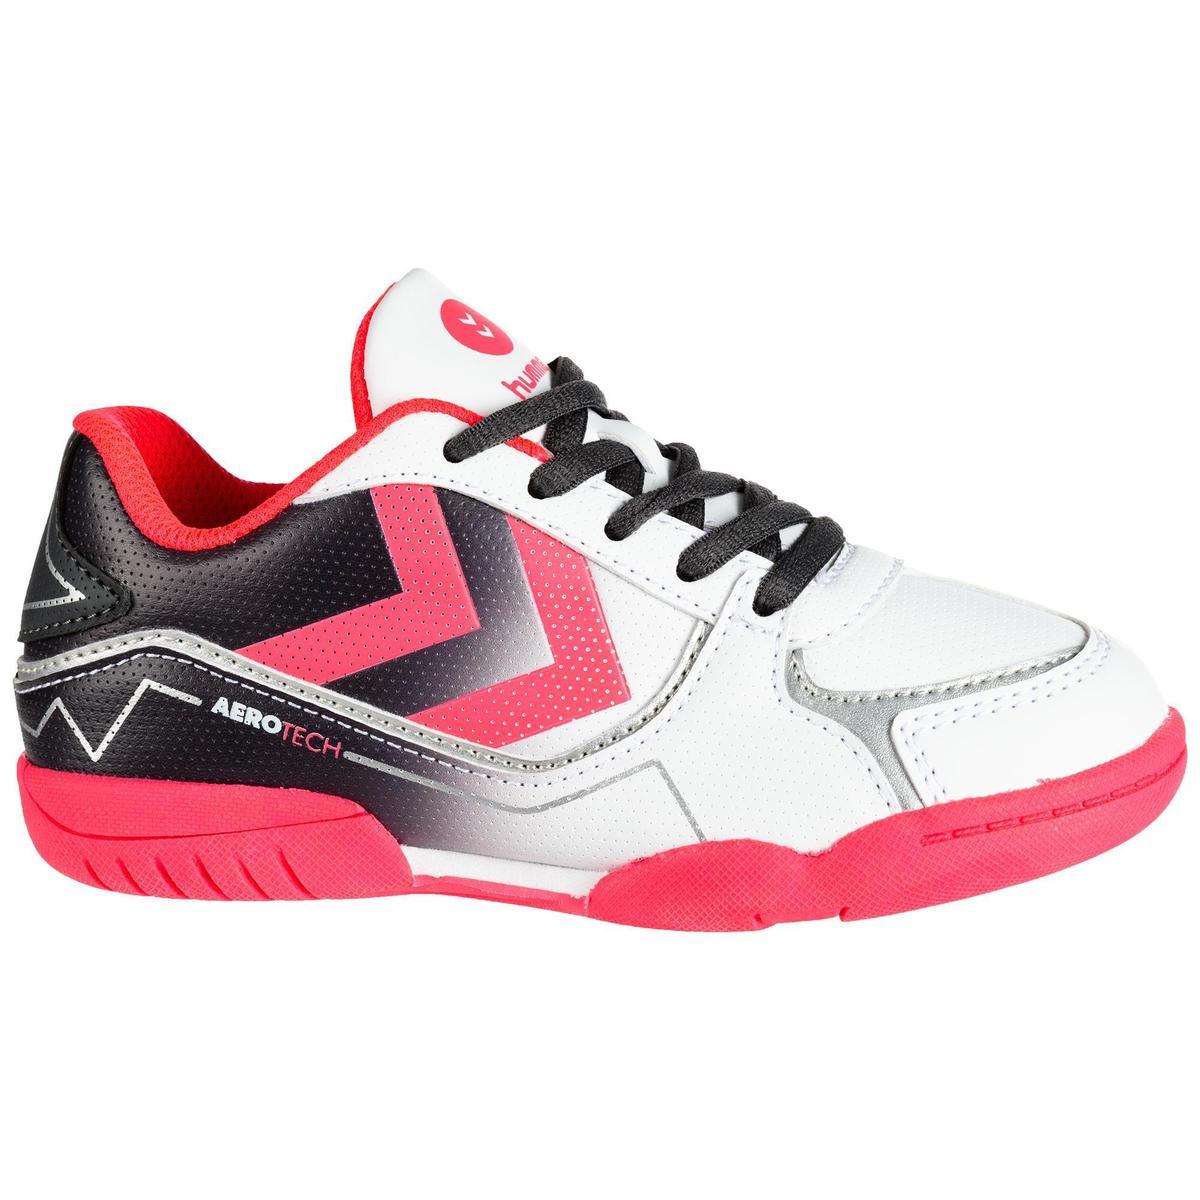 Bild 1 von Handballschuhe Aerotech Kinder grau/rosa/weiß